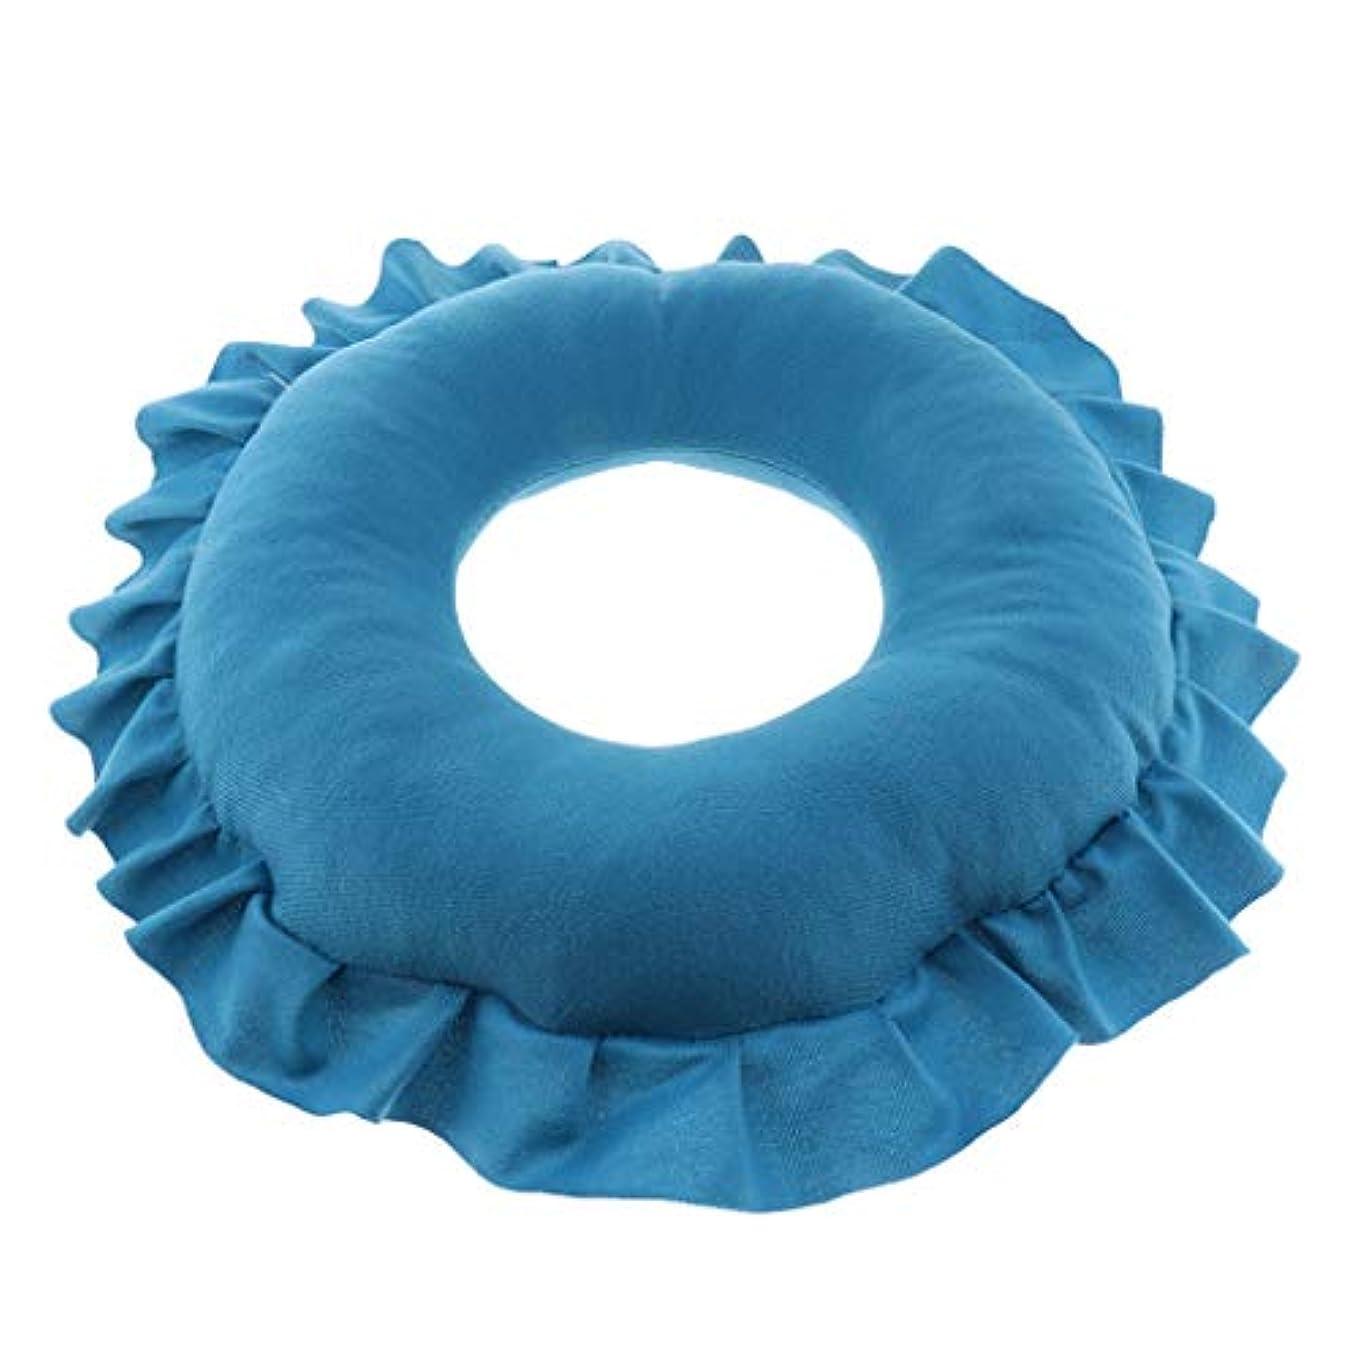 タヒチケント北方P Prettyia 顔マク フェイスマット マッサージ枕 顔枕 ラウンド 直径30cm 洗える 柔らかい 快適 全4色 - 青